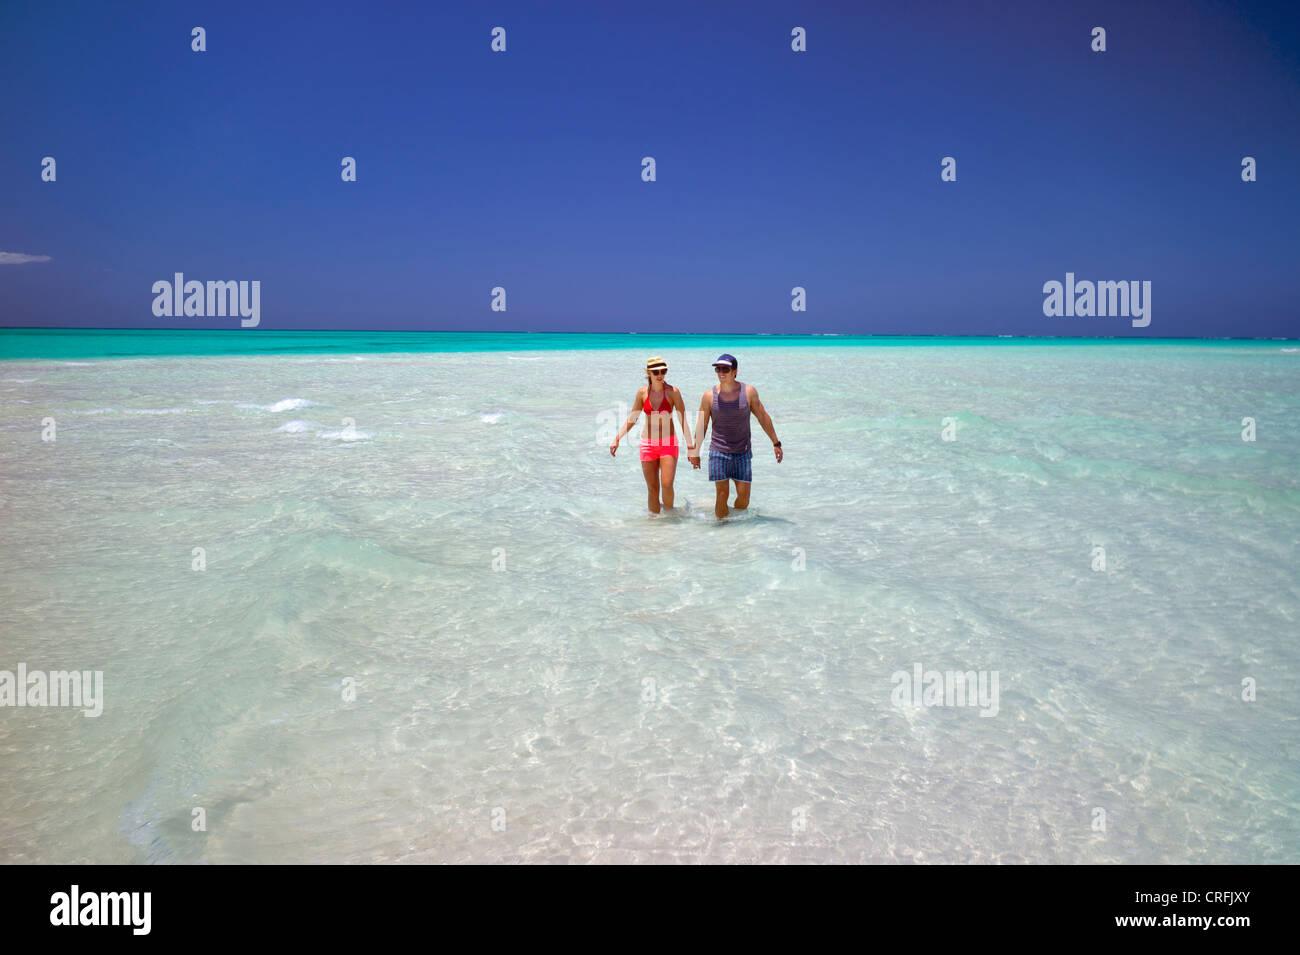 Paar im Wasser der Strand von Fort George Cay, einer unbewohnten Insel. Turks- und Caicosinseln. Stockbild